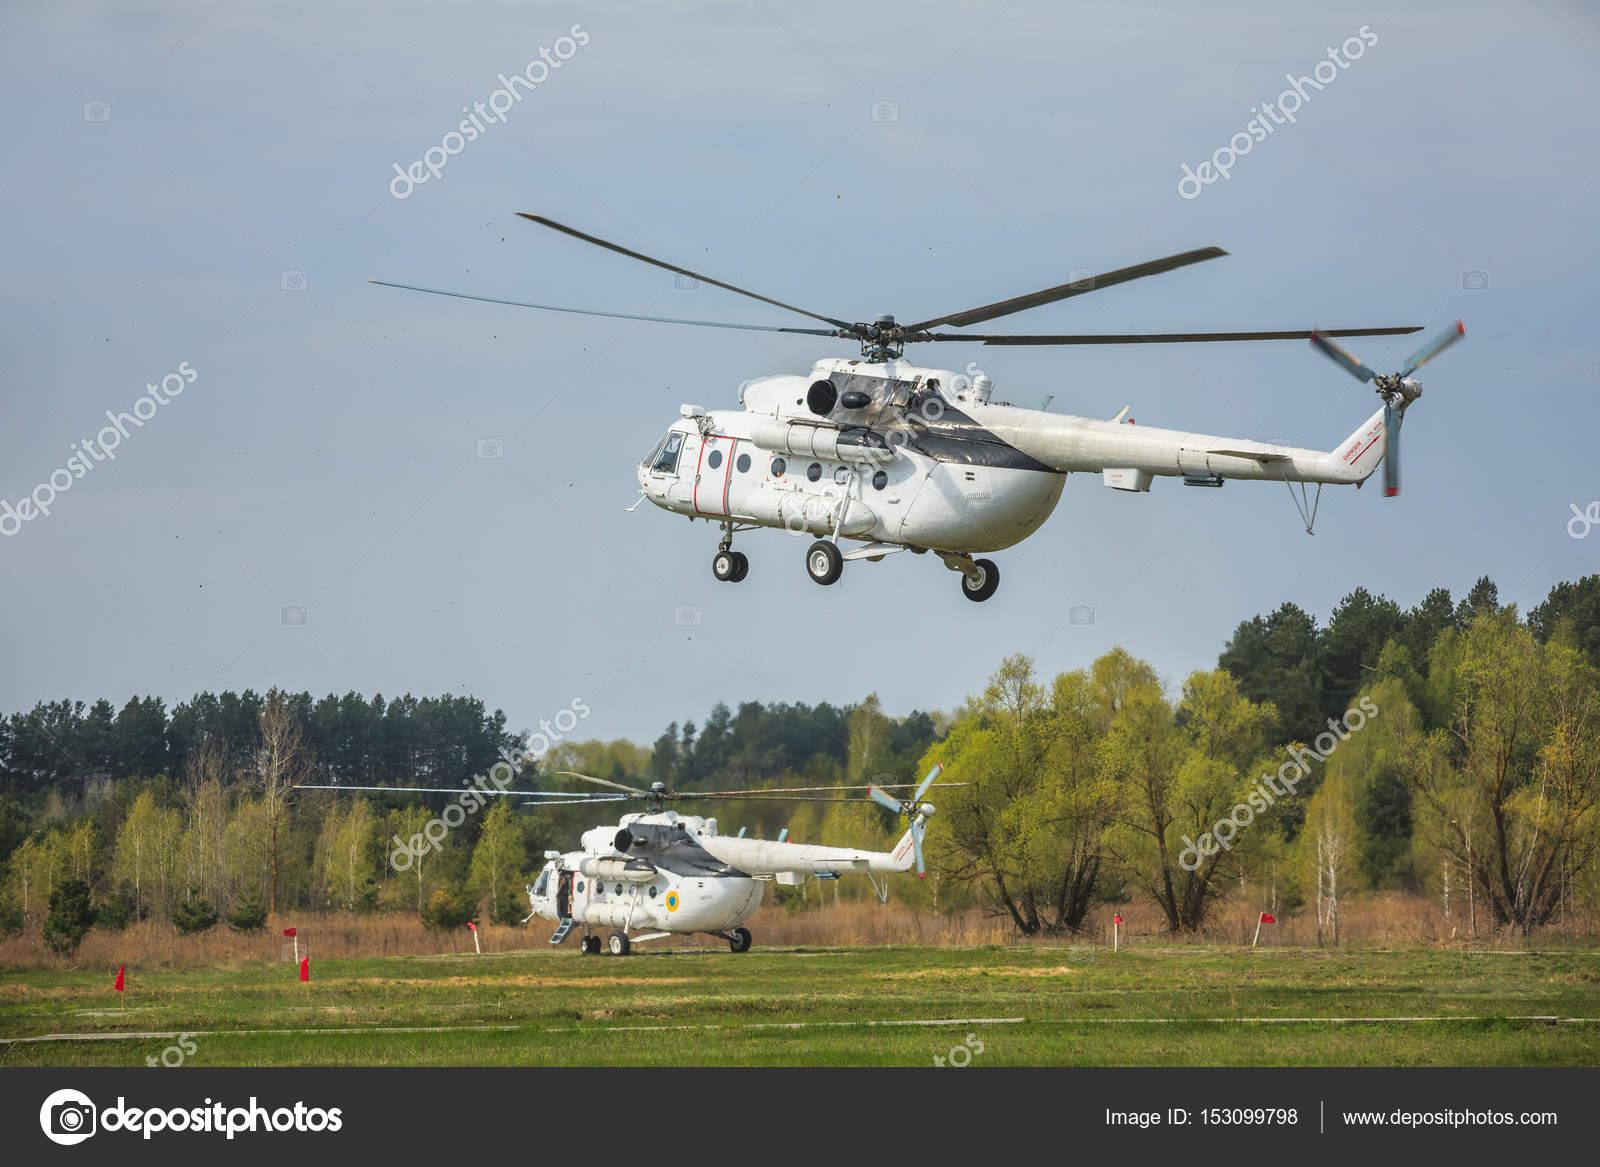 Elicottero 8 : Elicottero militare ucraini mi u foto editoriale stock